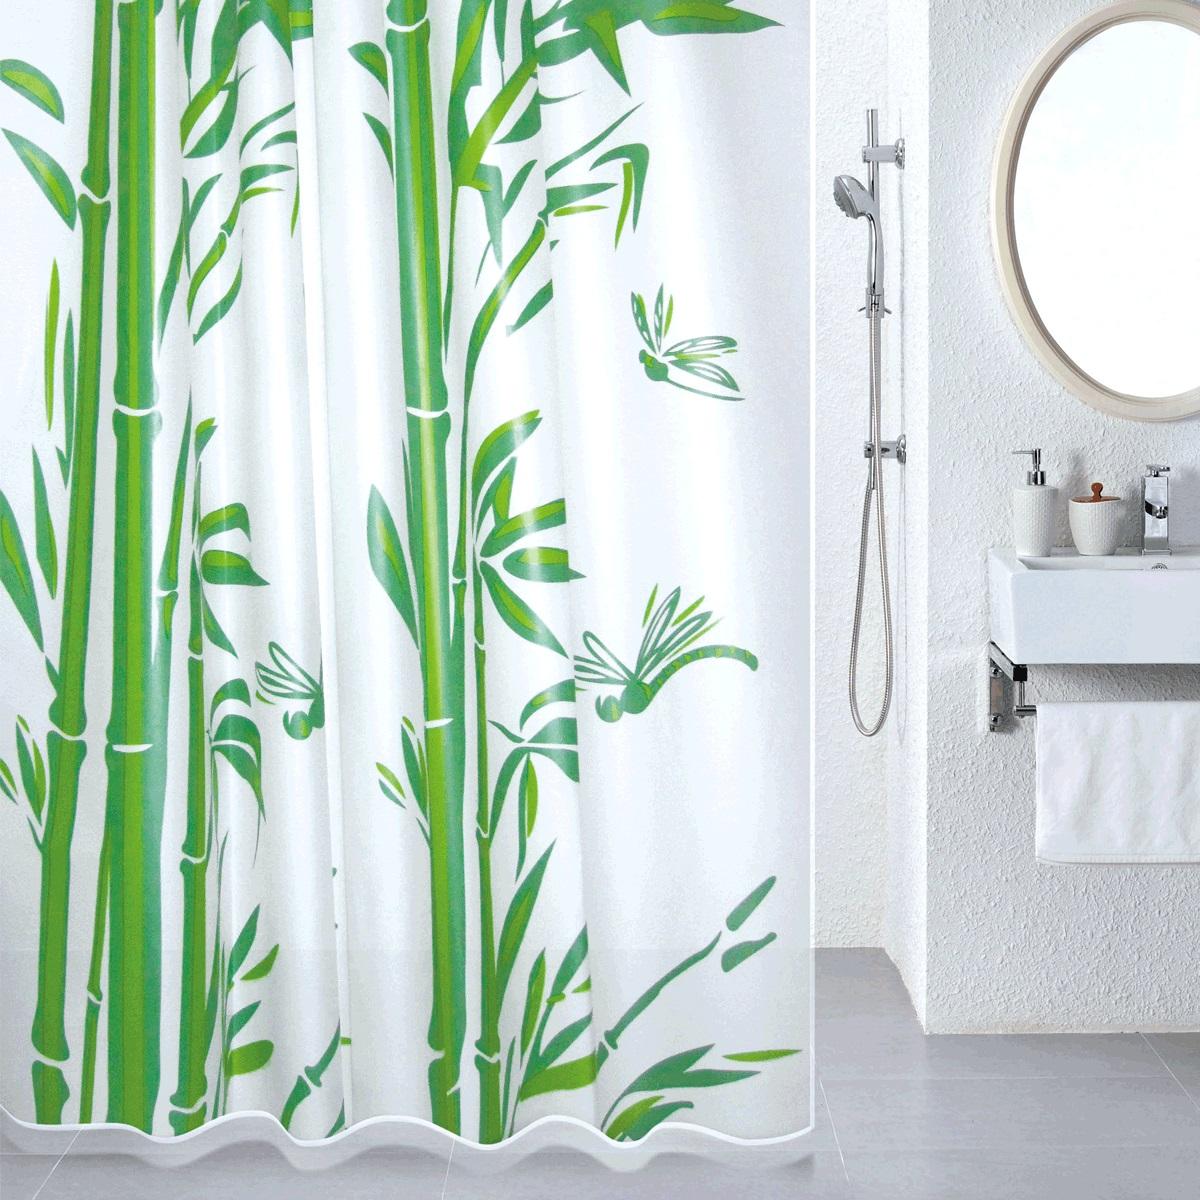 Штора для ванной Milardo Bamboo (green), цвет: зеленый, 180 x 180 см510V180M11материал: PEVA, толщина 0,08 мм, полупрозрачная подложка, упаковка ПВХ пакет, 12 металлических люверсов, кольца в комплекте (12 шт.)